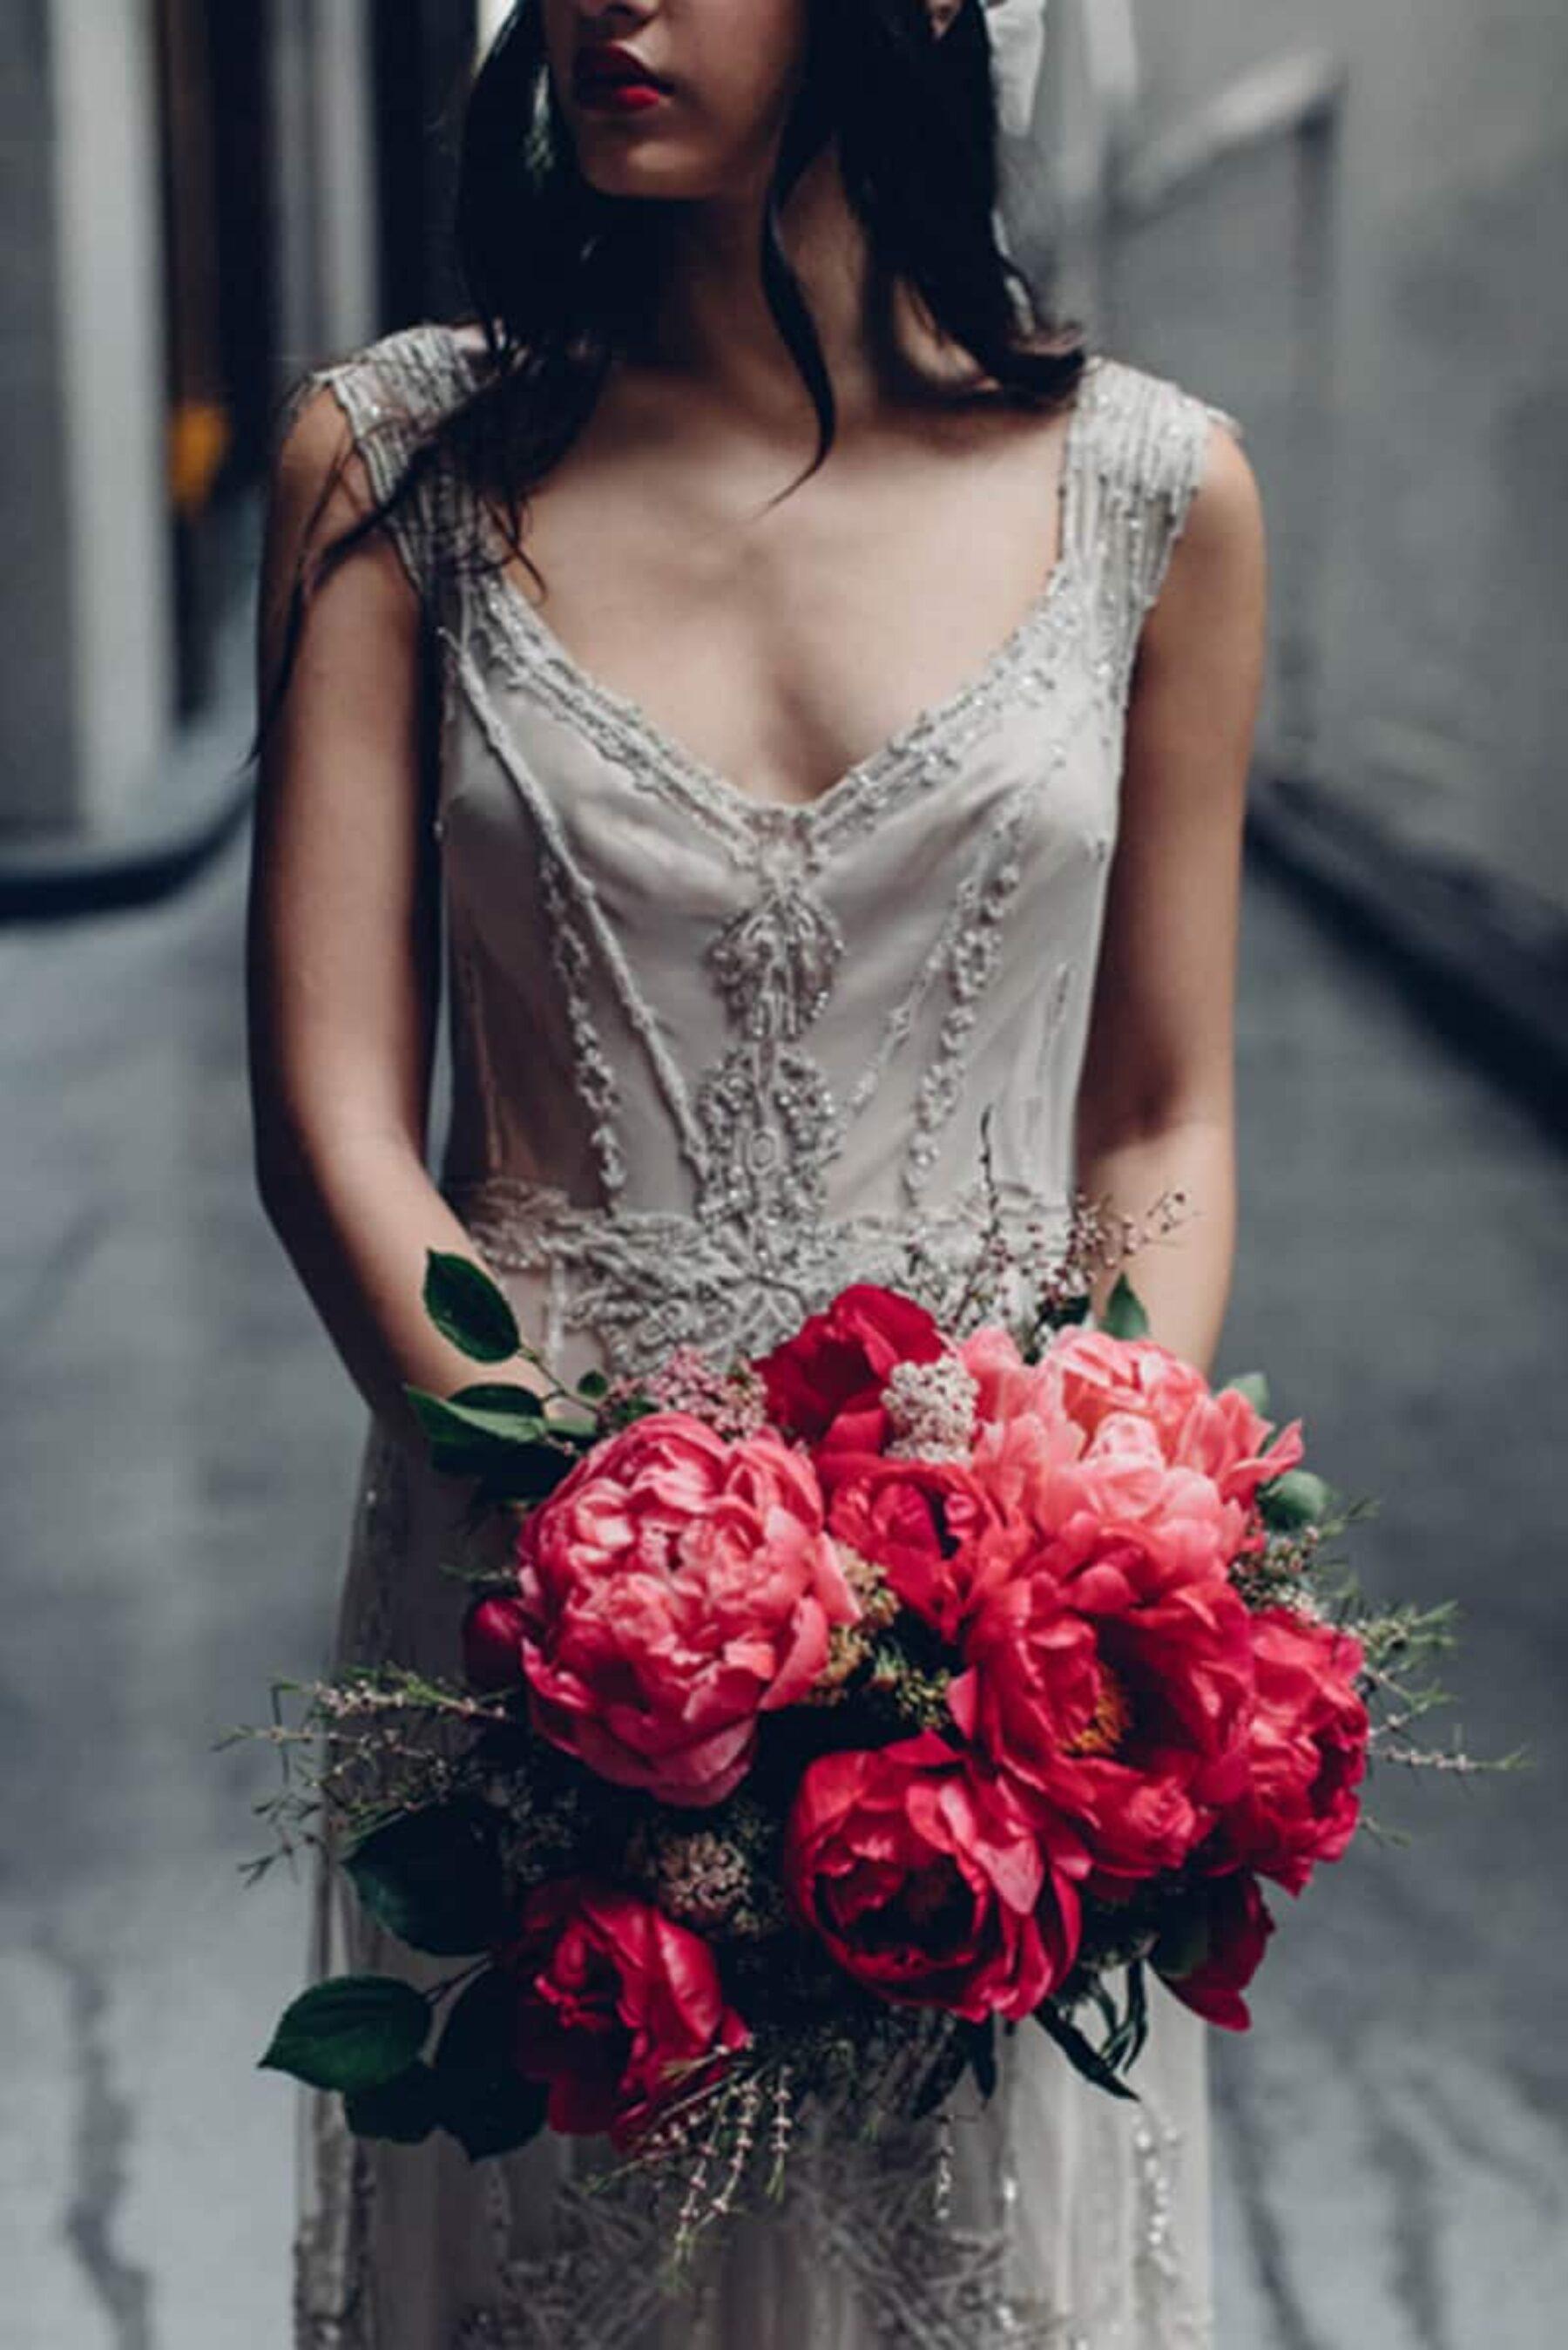 Beaded wedding dress by Gwendolynne